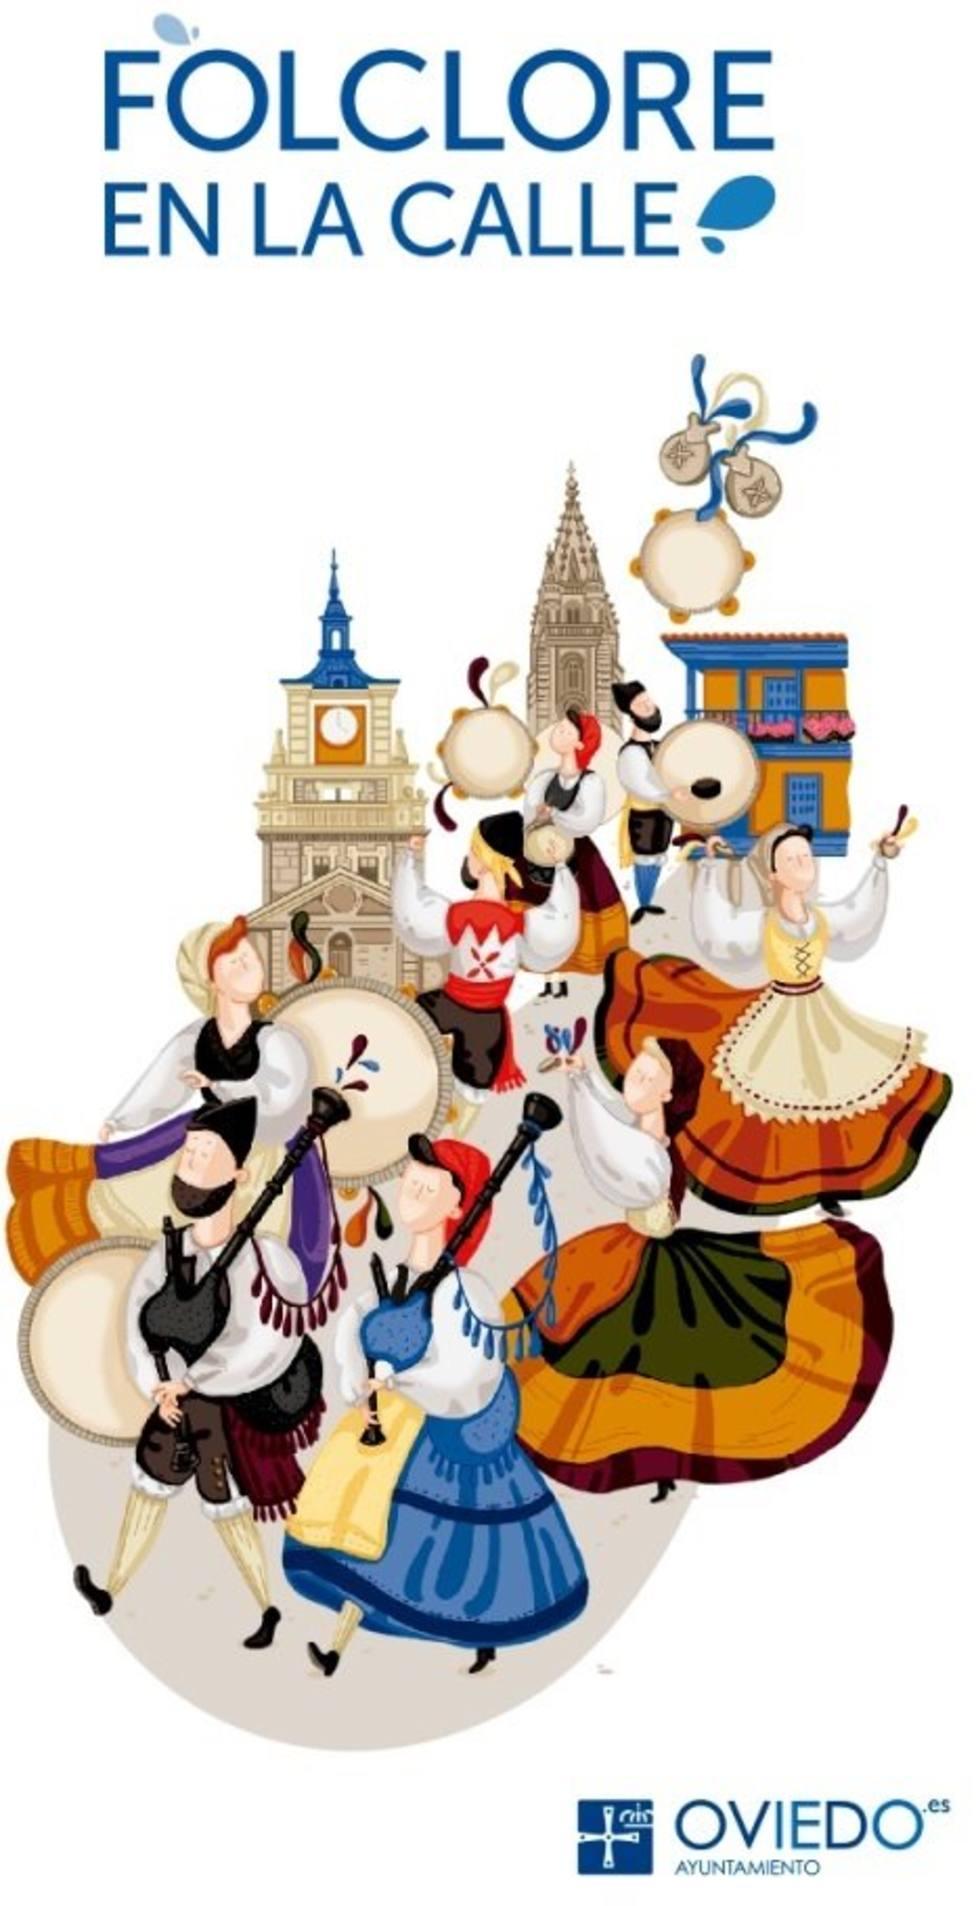 Folclore Oviedo